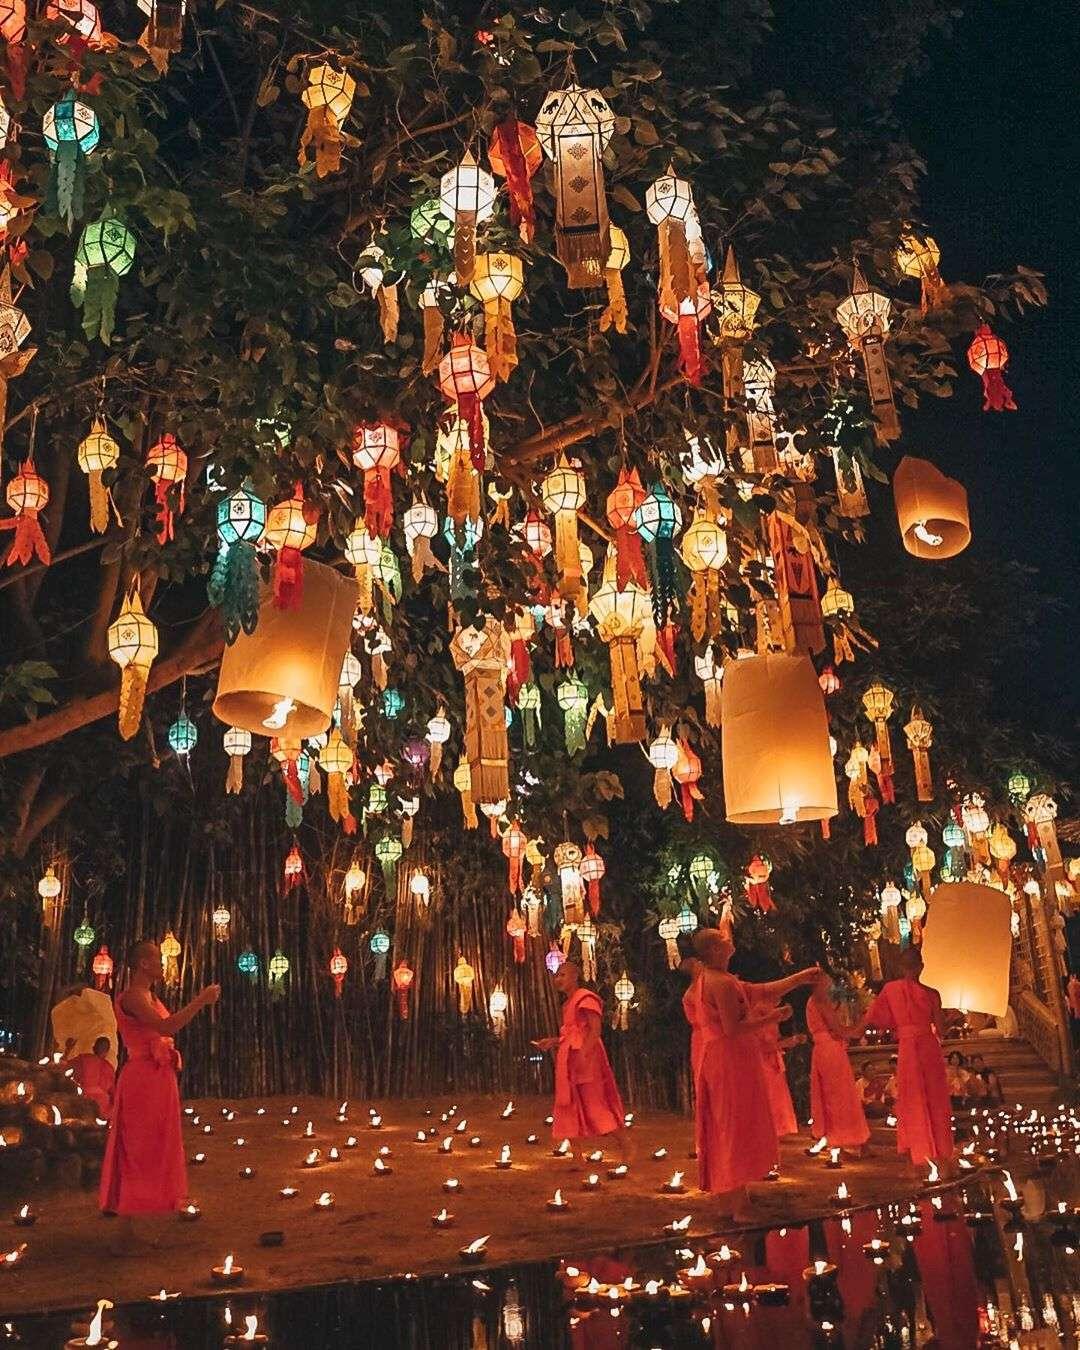 Boedistische monnikken onder een boom met lampionnen waarbij ze wensballonnen loslaten